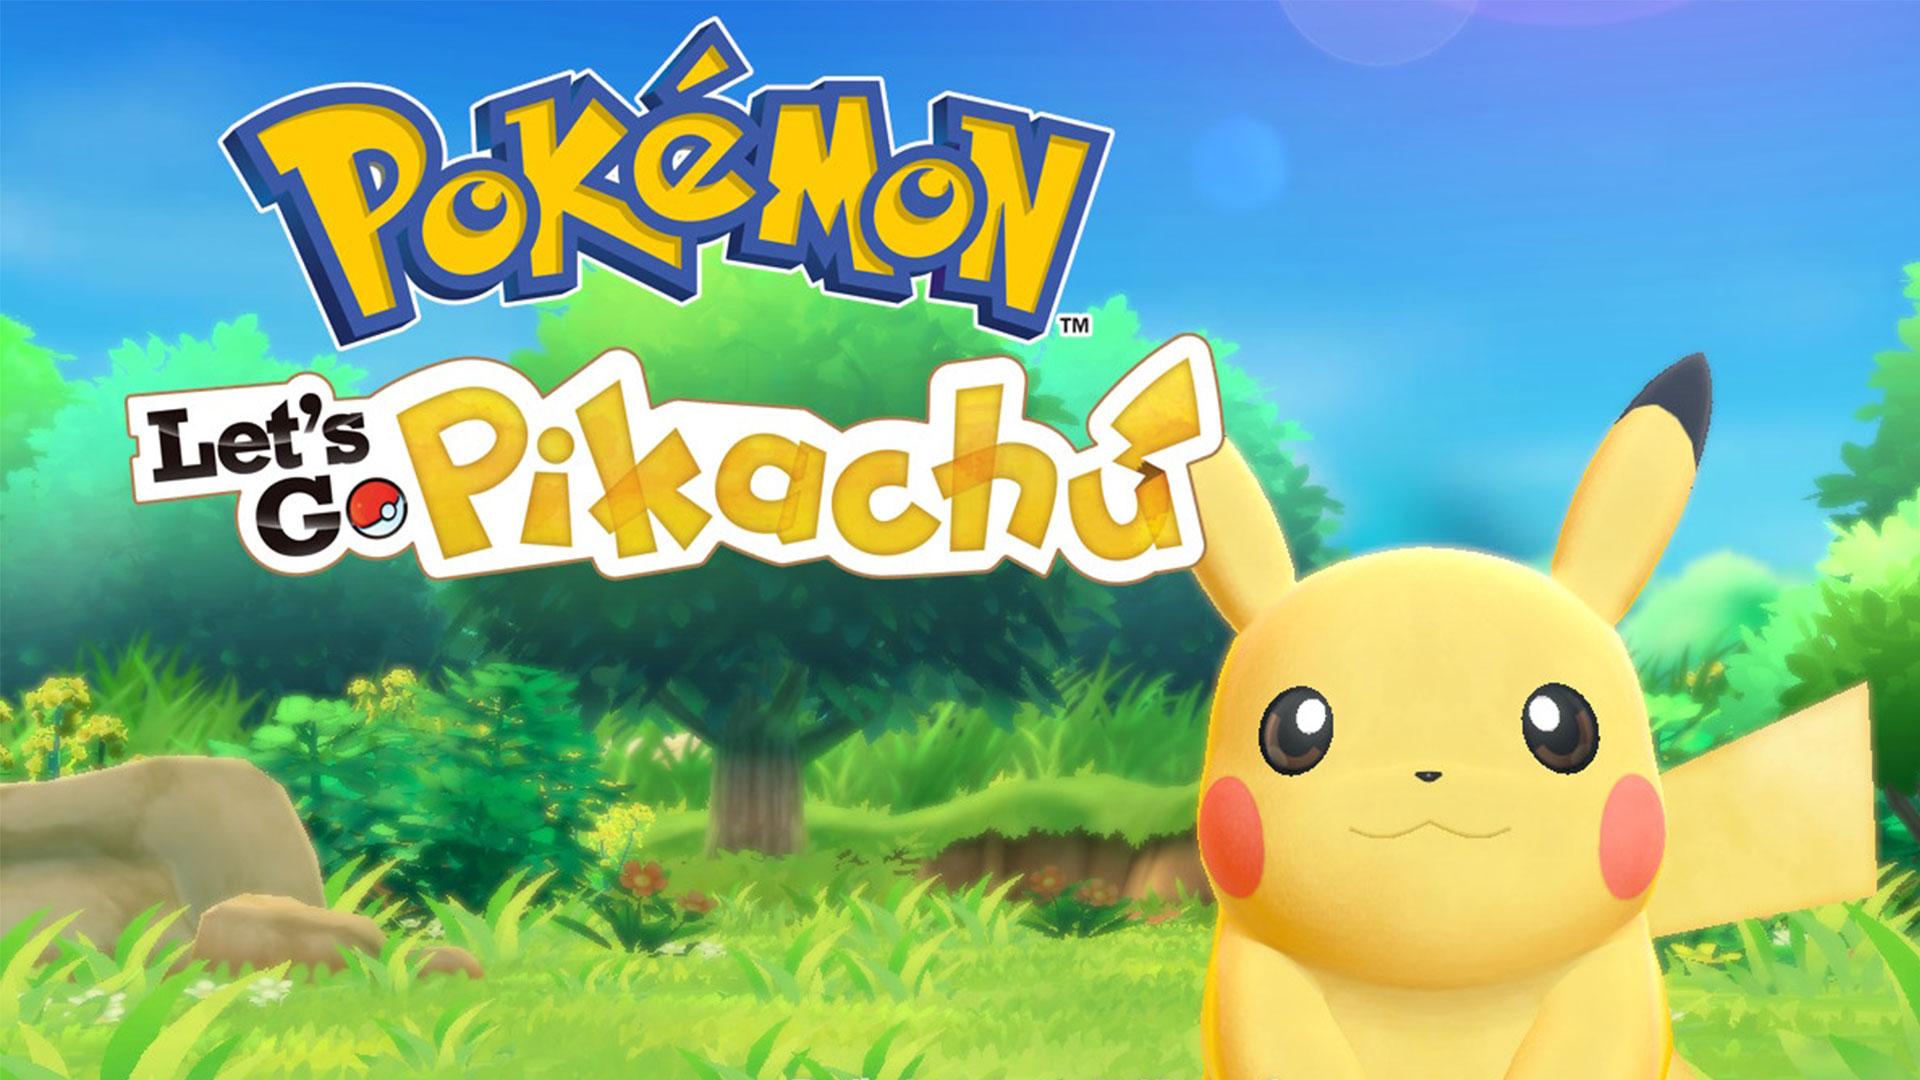 GameReview: Pokémon Let's Go Pikachu